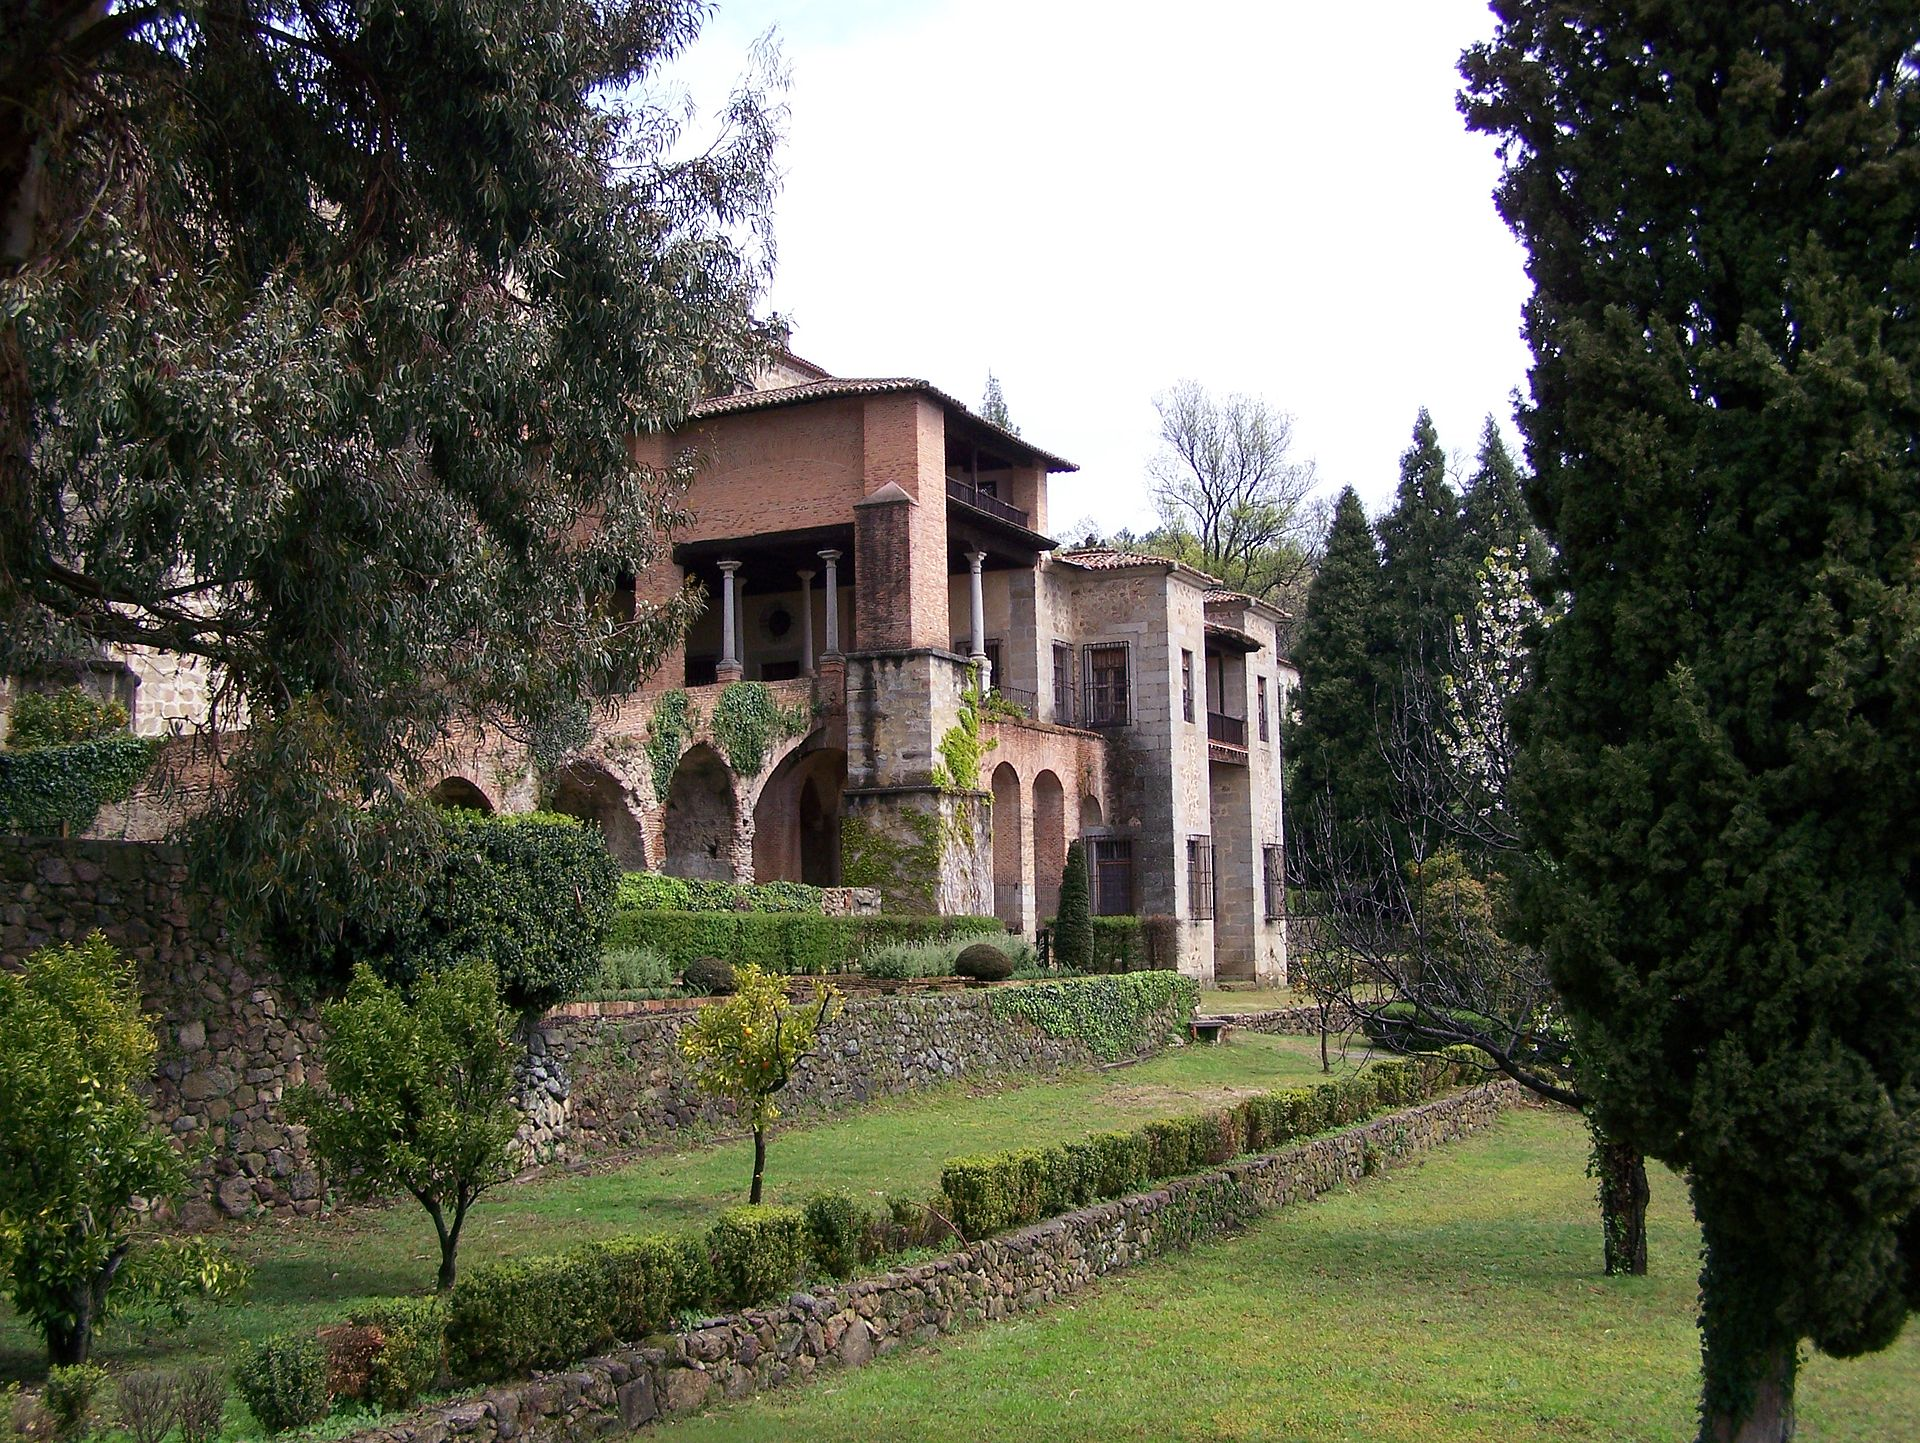 Monasterio de yuste wikipedia la enciclopedia libre for La vera caceres